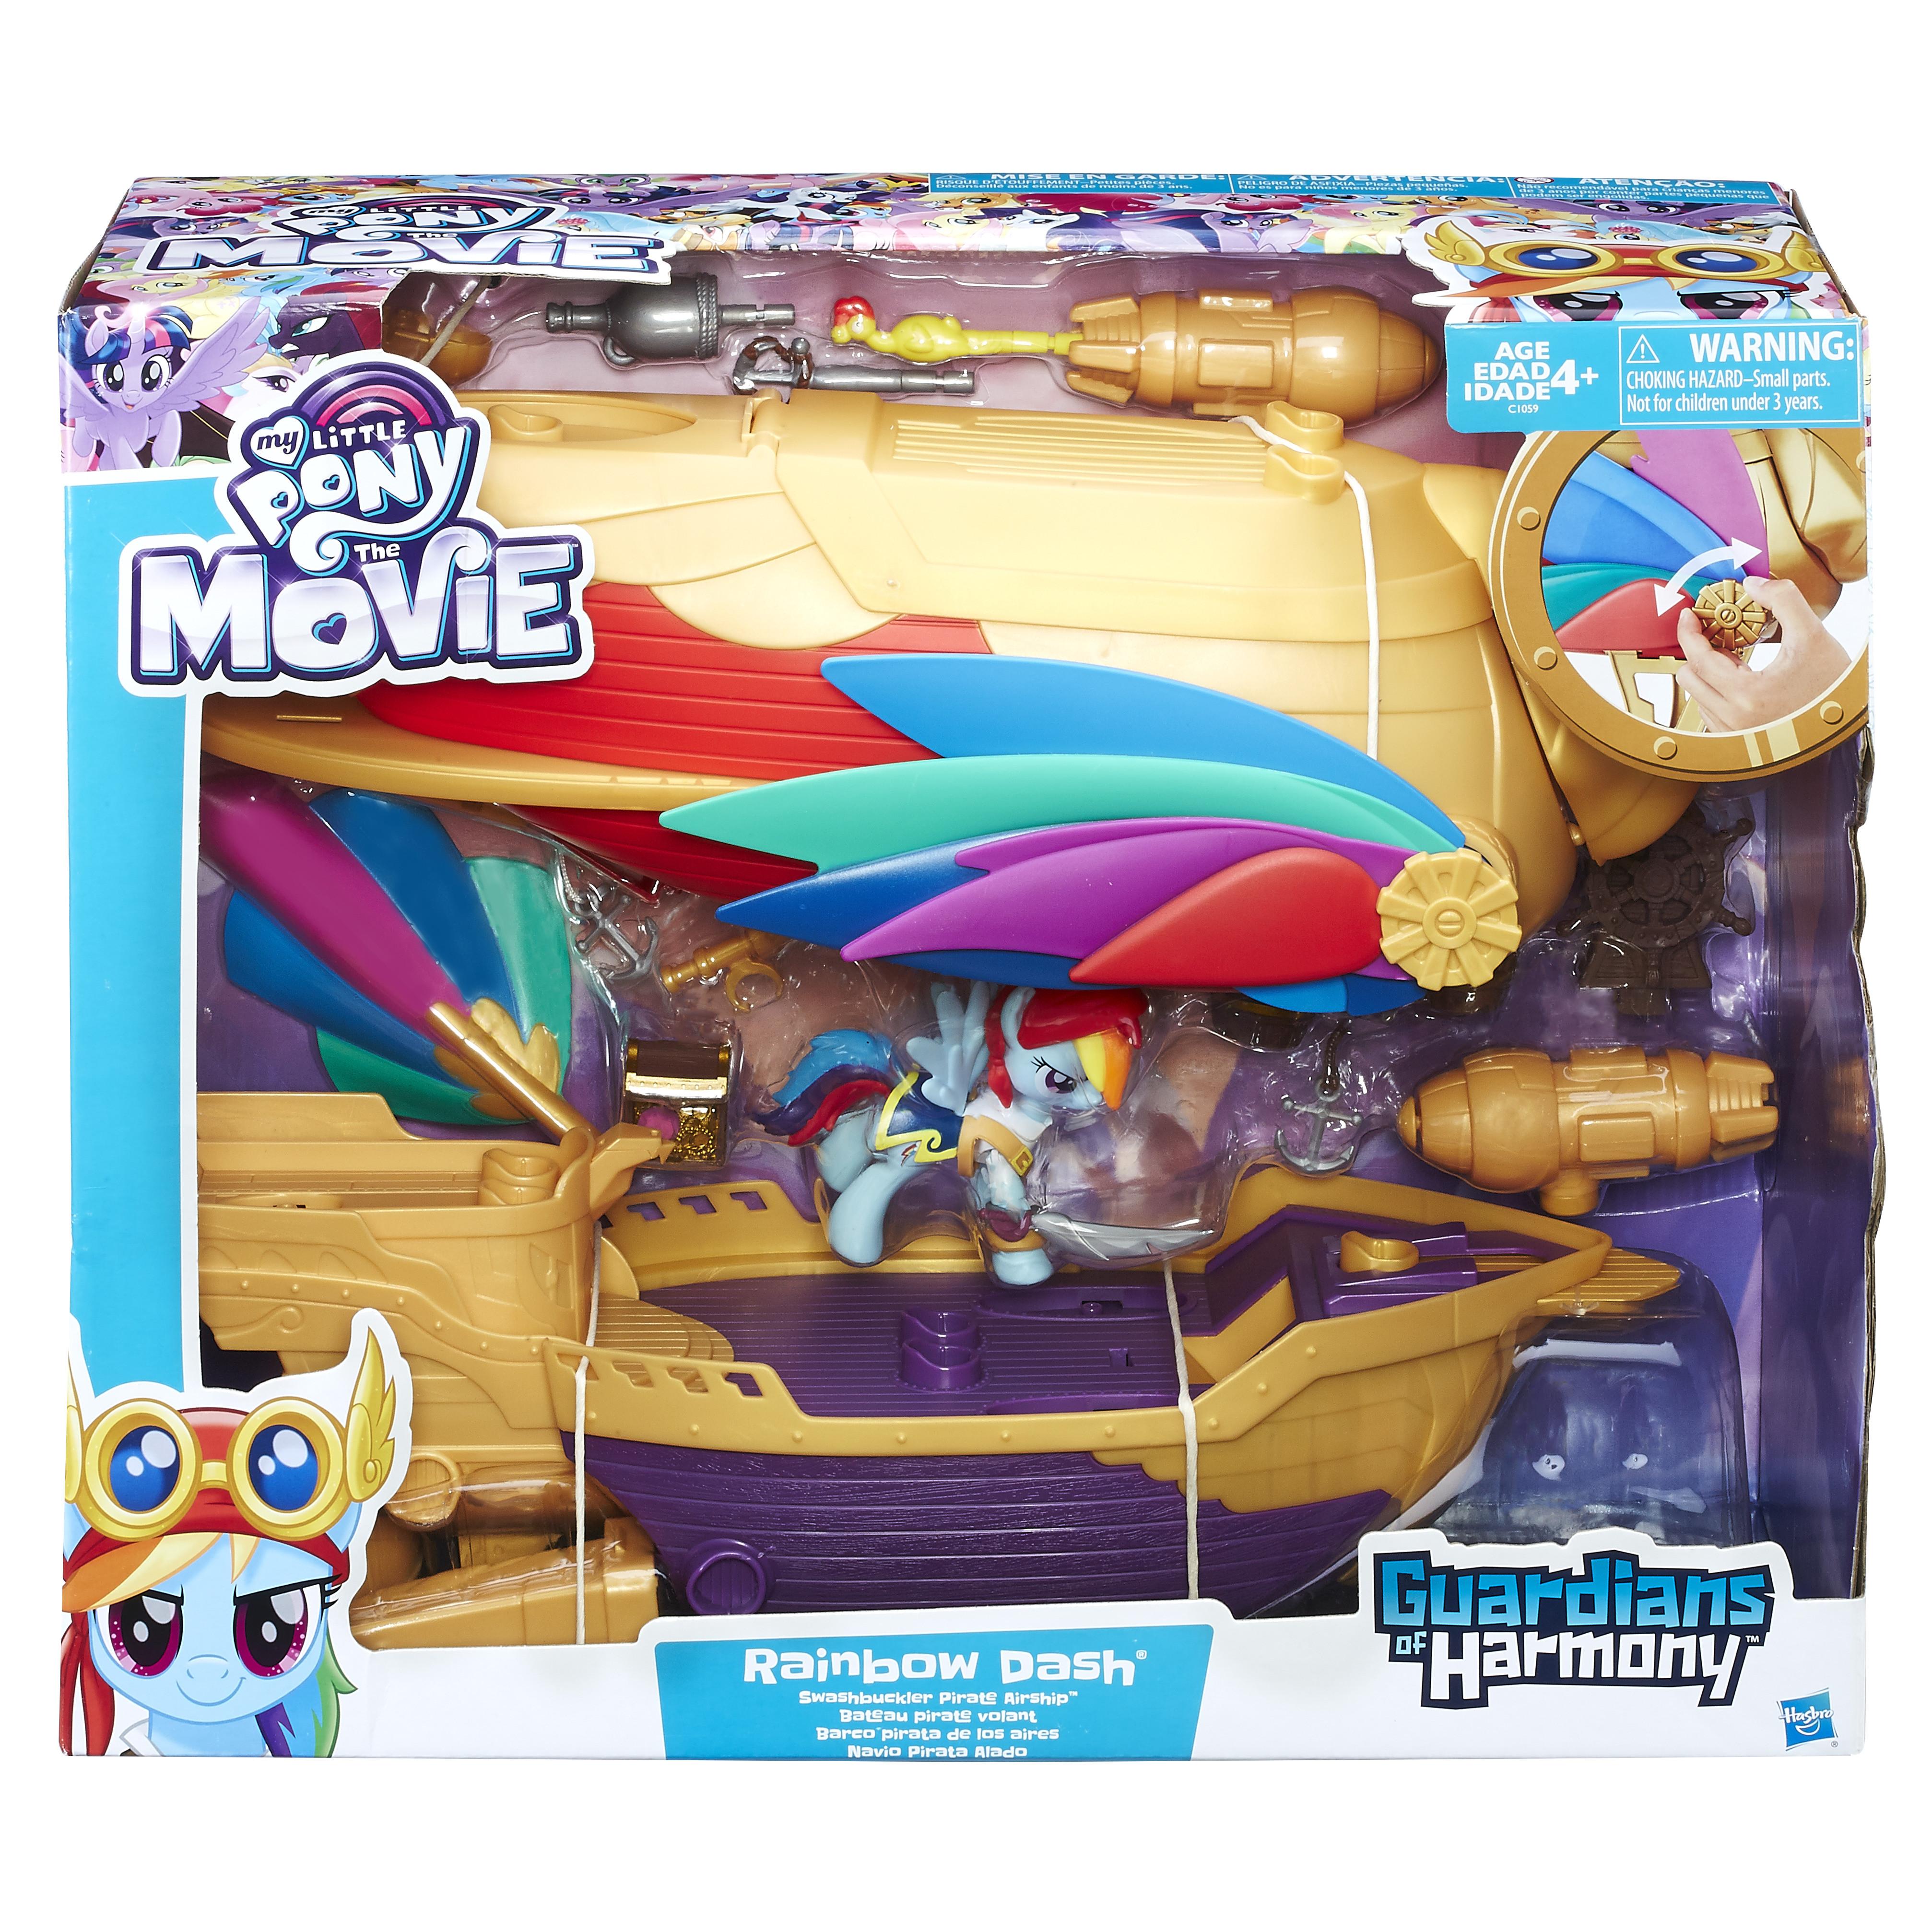 лучшая цена Моя маленькая пони (My Little Pony) My Little Pony Игровой набор My Little Pony «Хранители Гармонии»